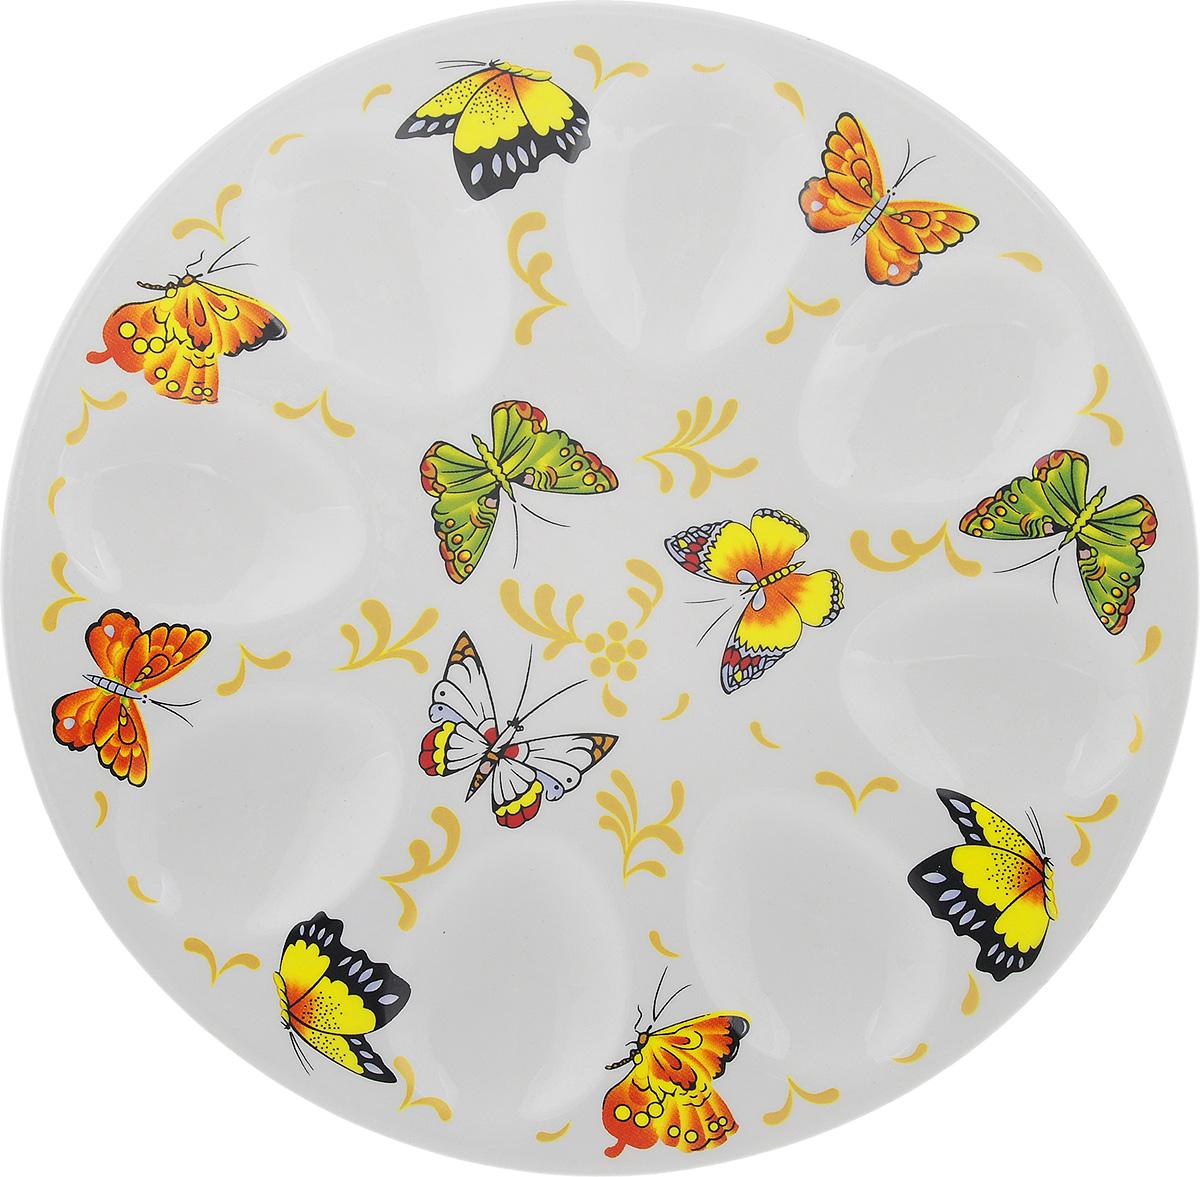 Тарелка для фаршированных яиц Elan Gallery Бабочки, диаметр 20 см101019Тарелка для фаршированных яиц Elan Gallery Бабочки выполнена из керамики и украшена изображением бабочек. На изделии имеются специальные углубления для 8 яиц. Такая тарелка украсит сервировку вашего стола и подчеркнет прекрасный вкус хозяйки. Диаметр тарелки: 20 см. Высота тарелки: 2 см. Не рекомендуется применять абразивные моющие средства. Не использовать в микроволновой печи.